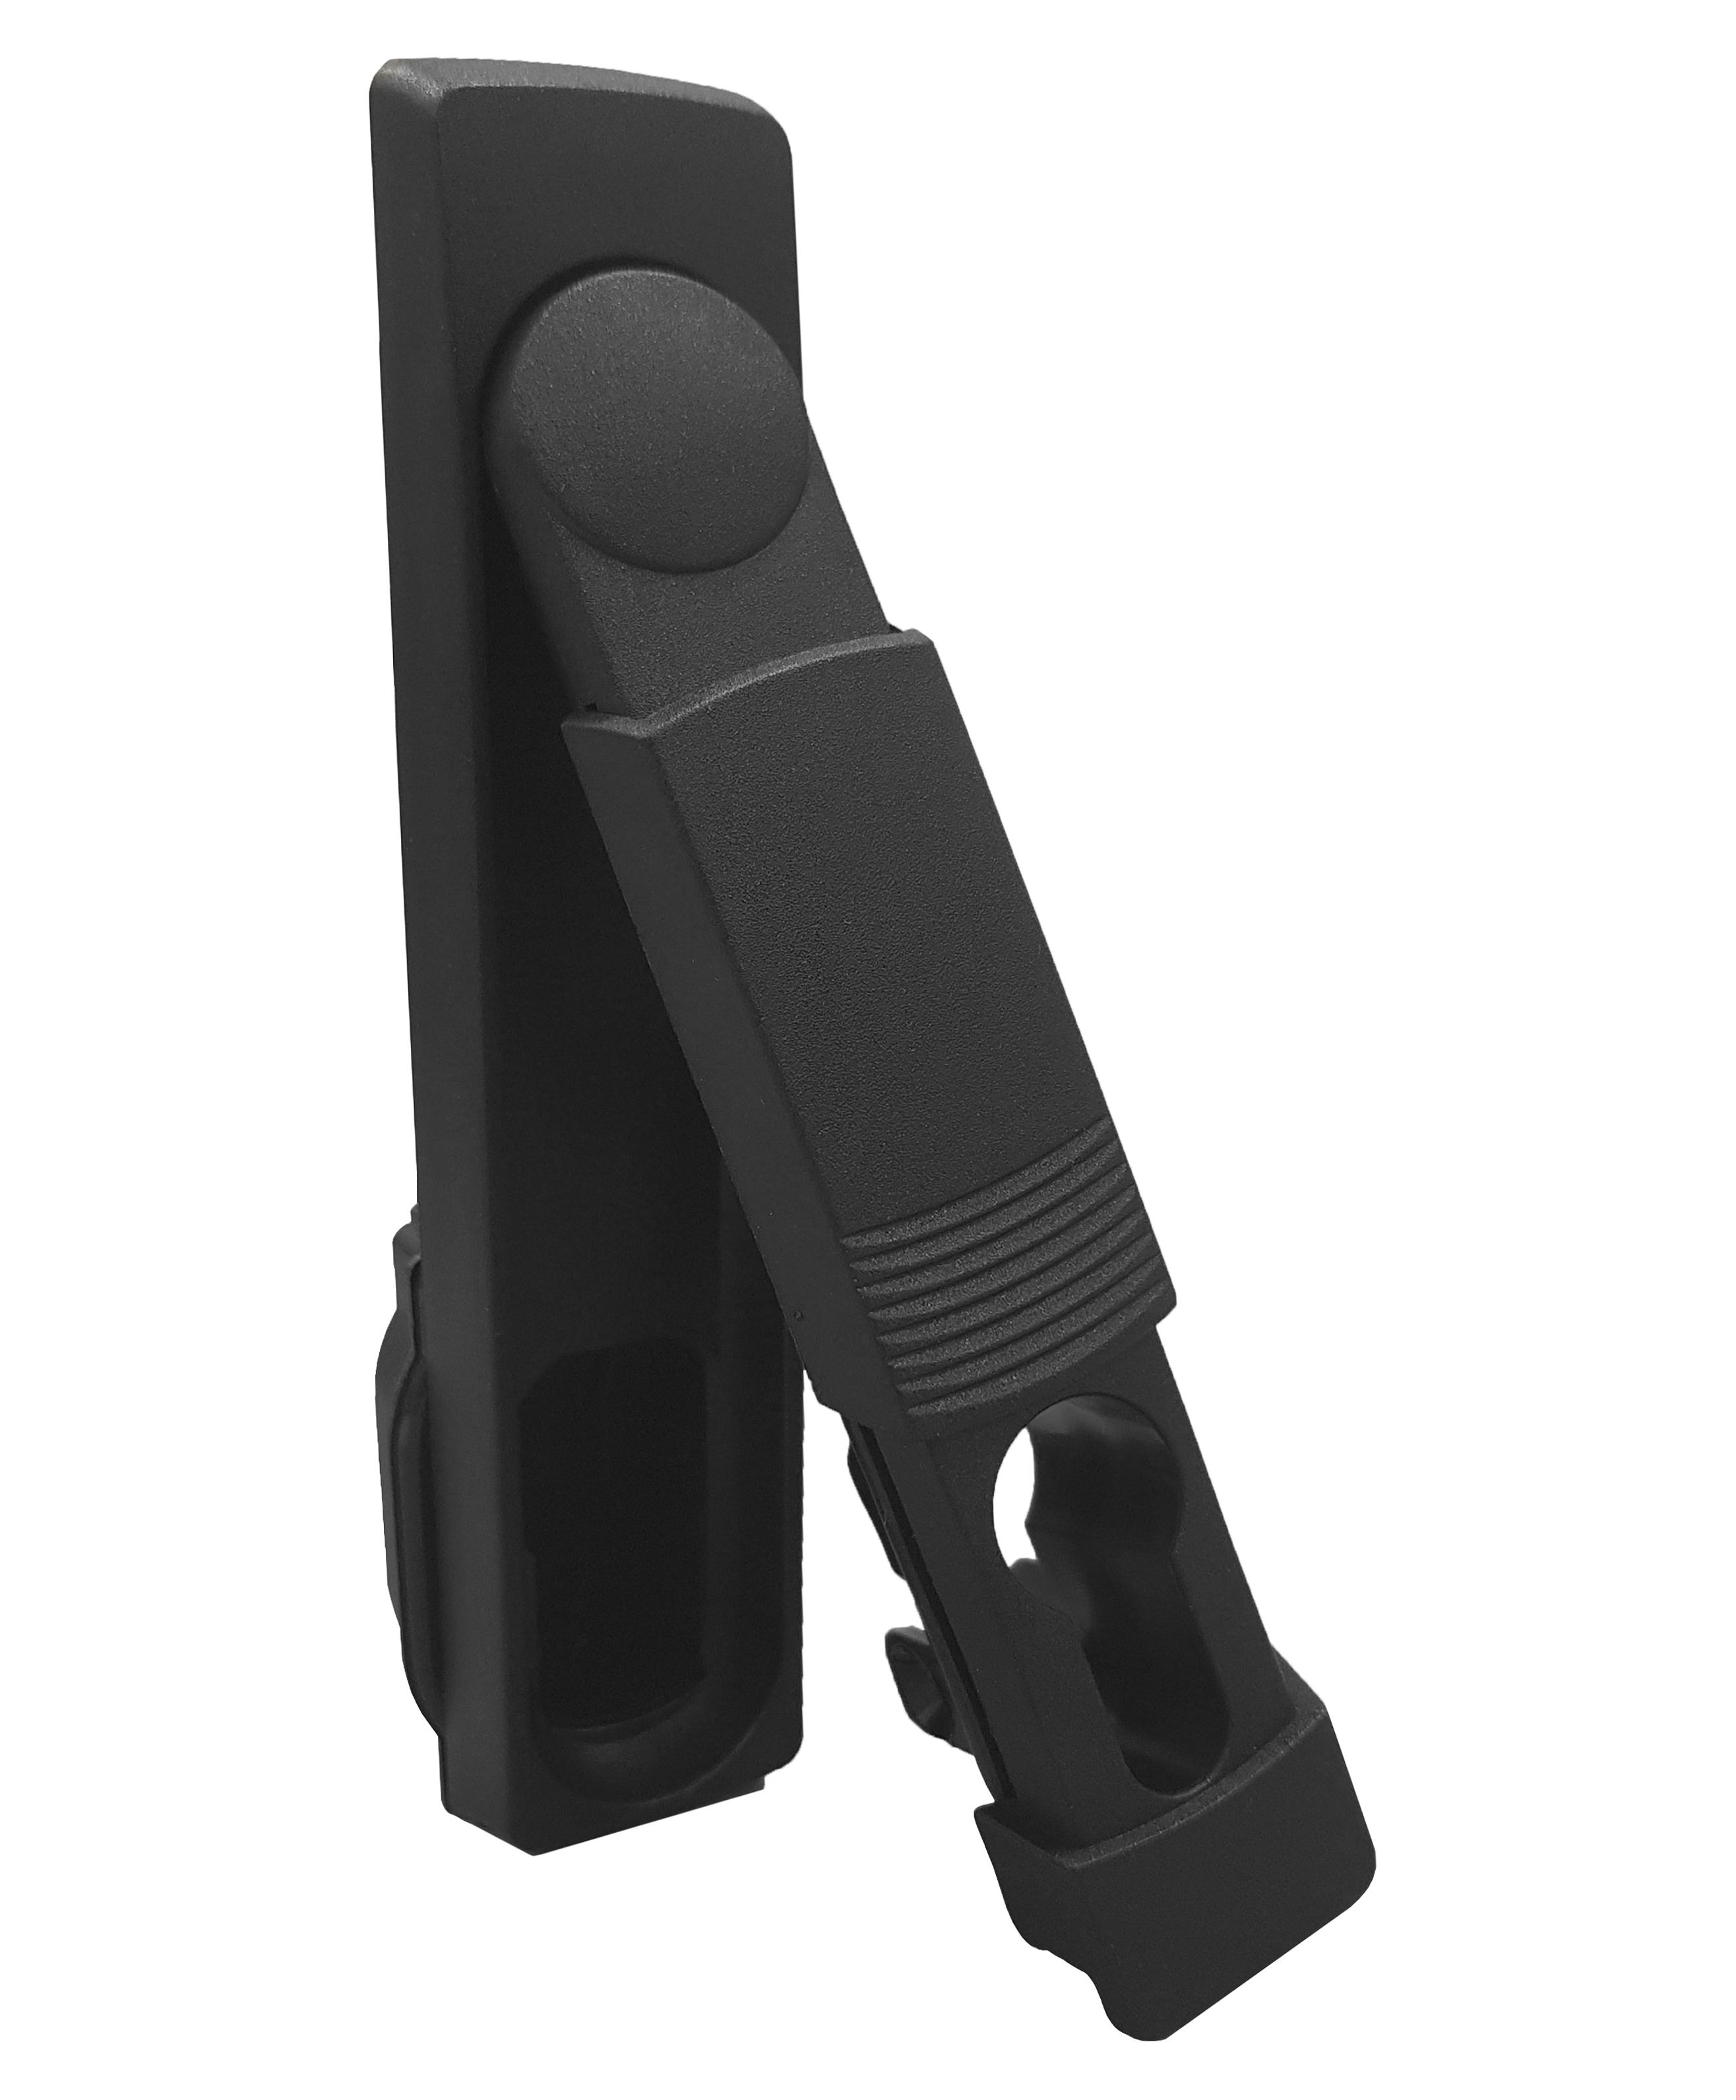 1 Stk Schwenkgriff mit Abdeckung für Profil-Halbyzlinder WST IP65 IU001225--